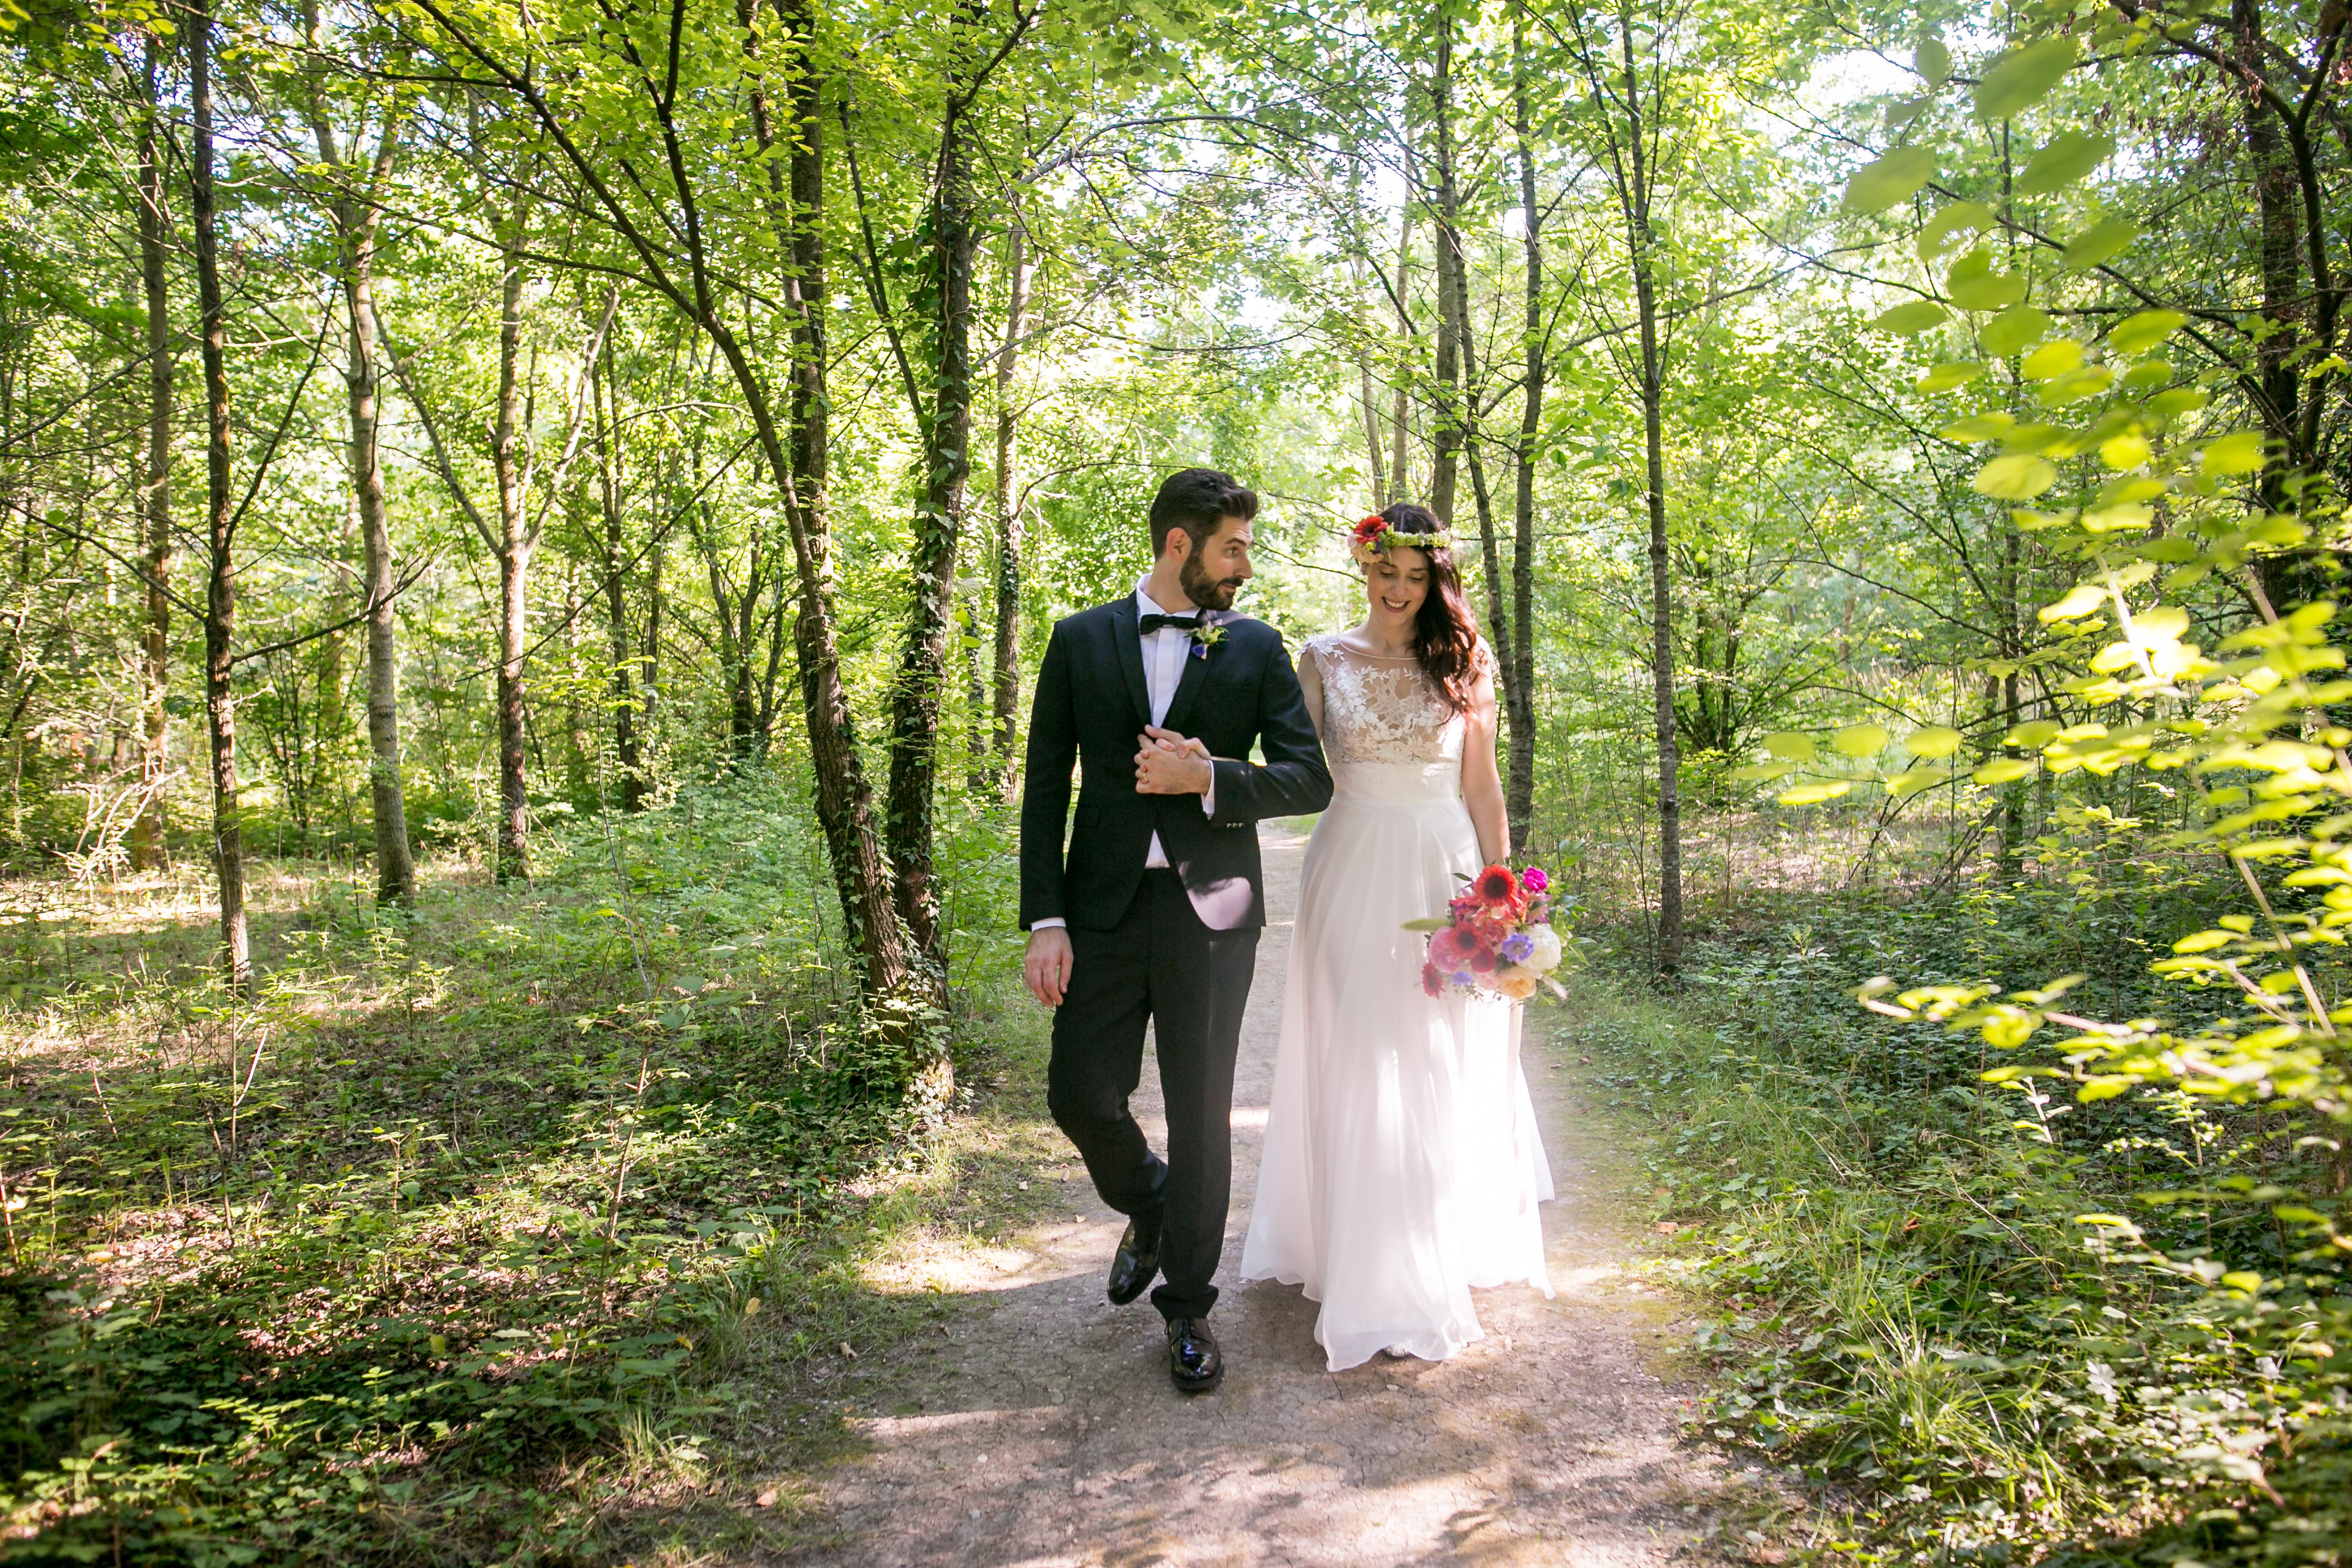 0016_gilberti_ricca_convento_annunciata_fotografi_matrimonio